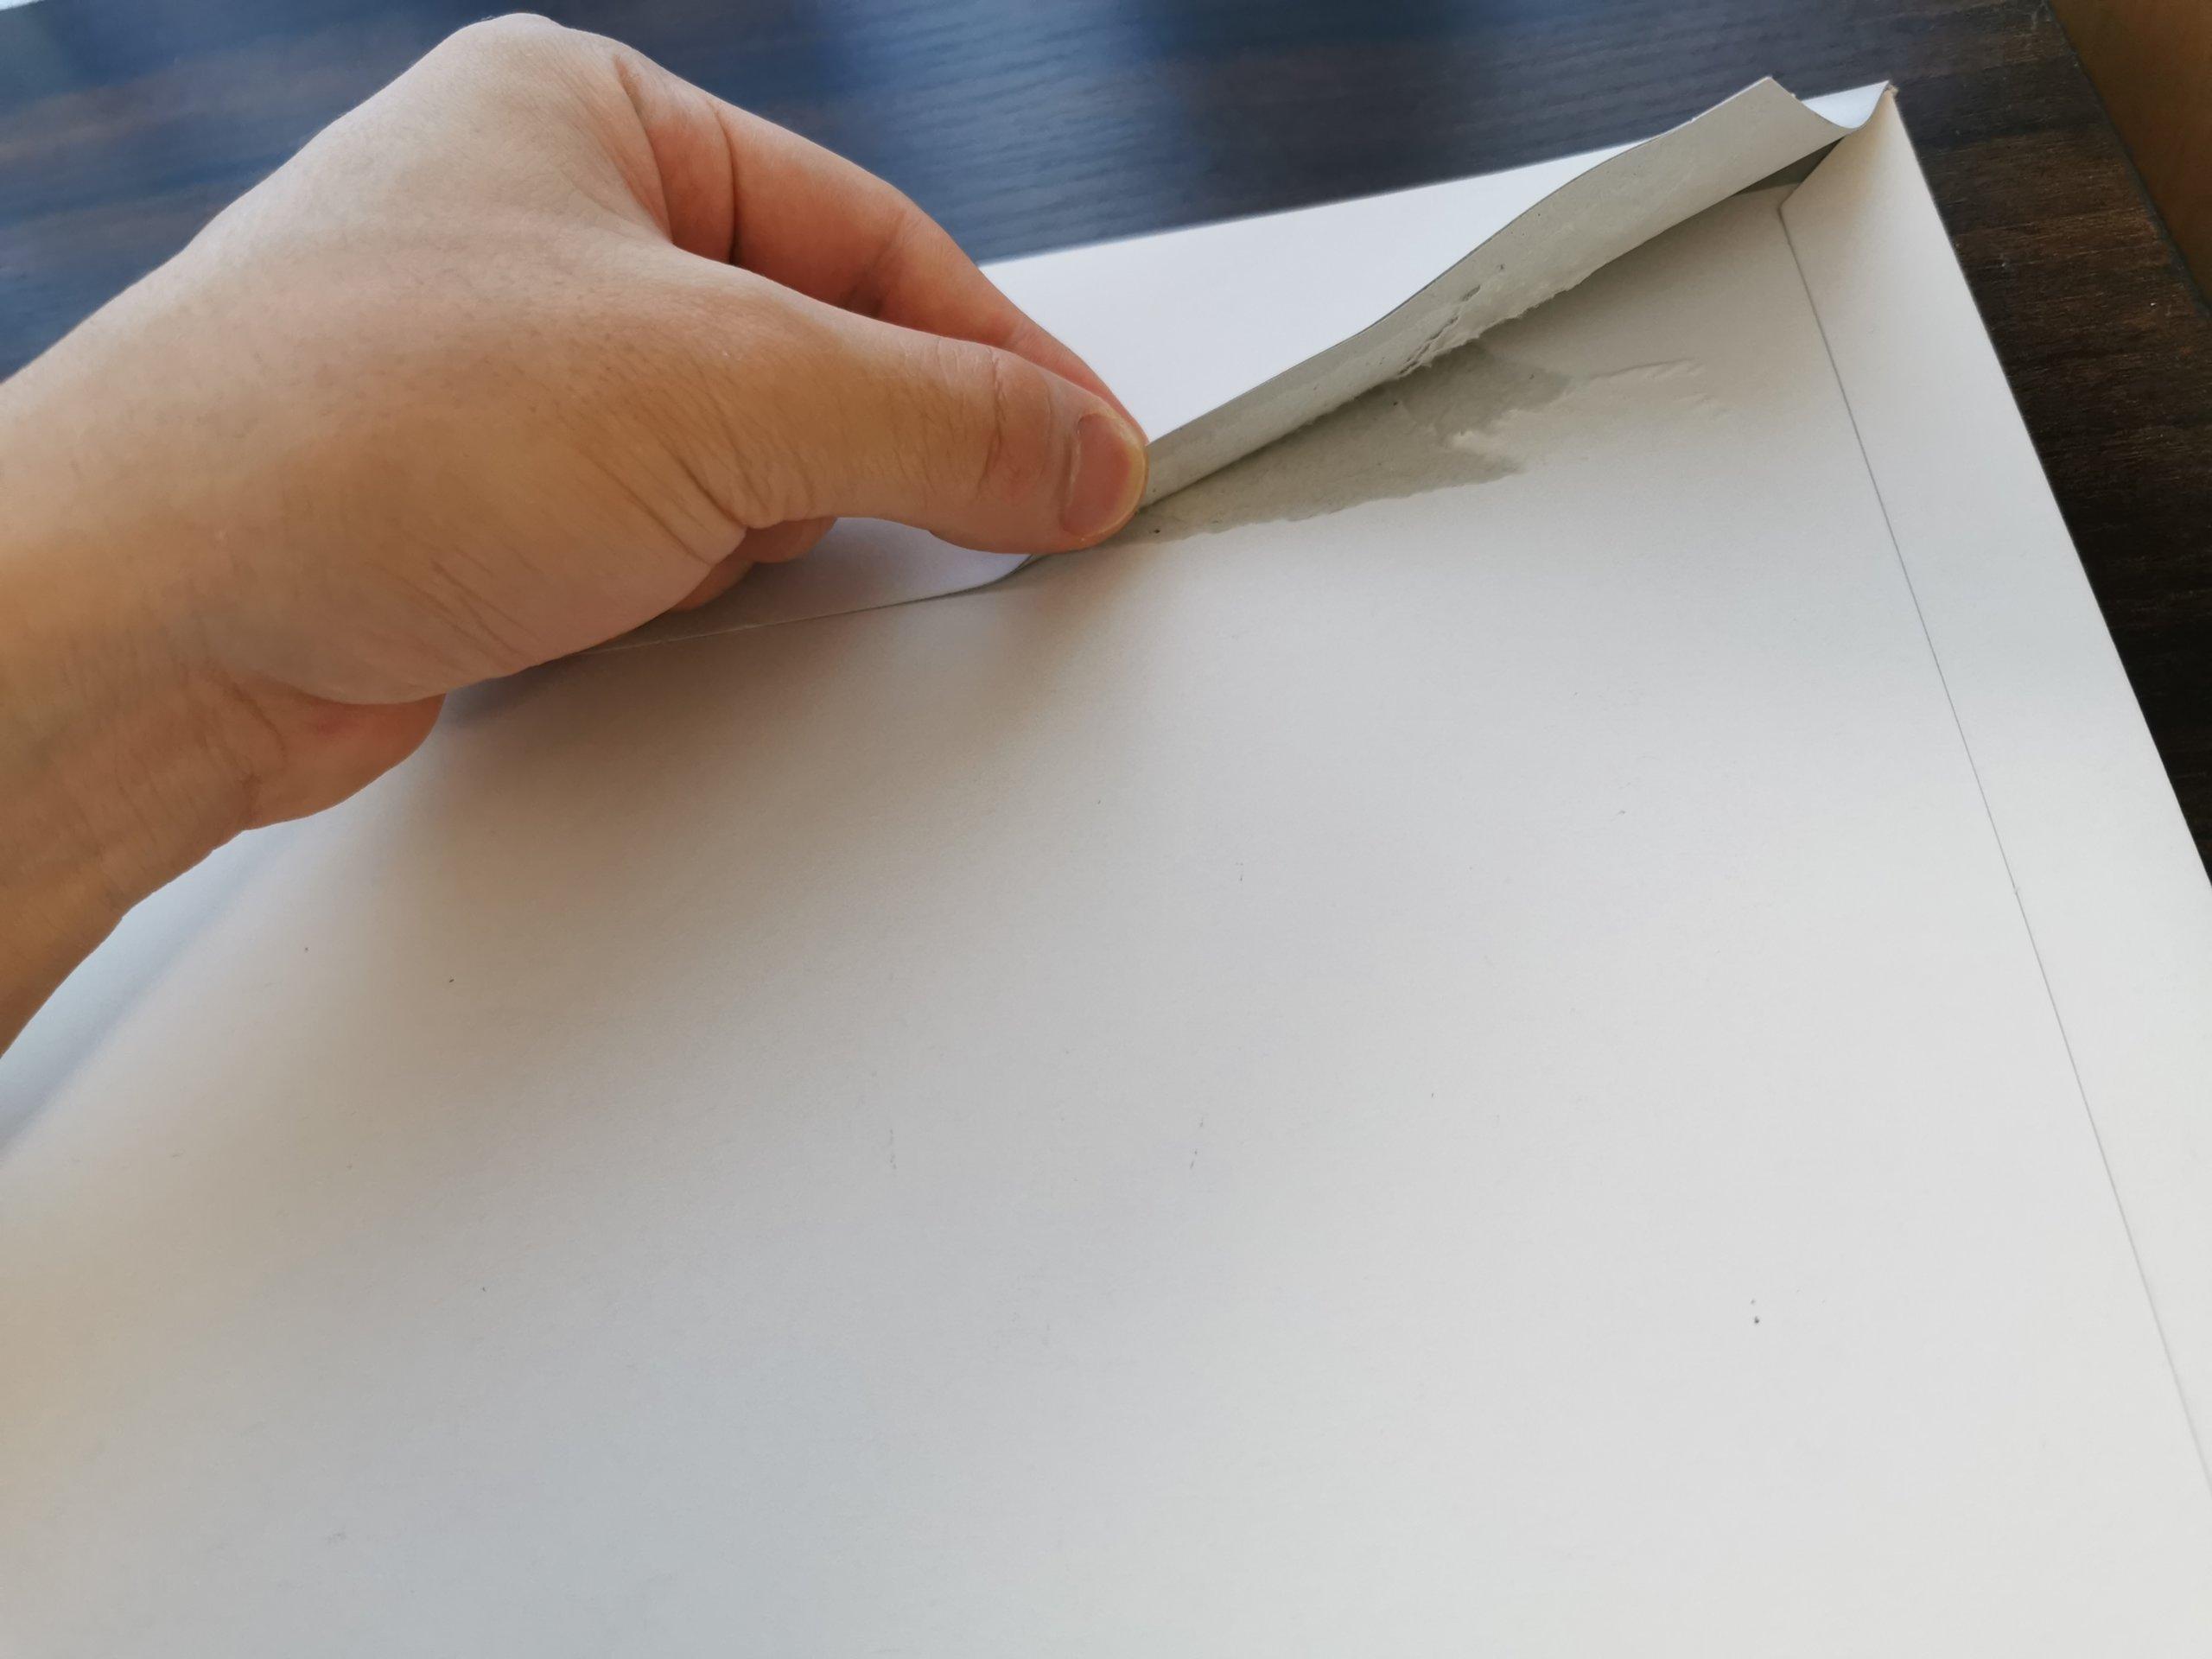 楽天モバイルのeSIMの封筒を開封